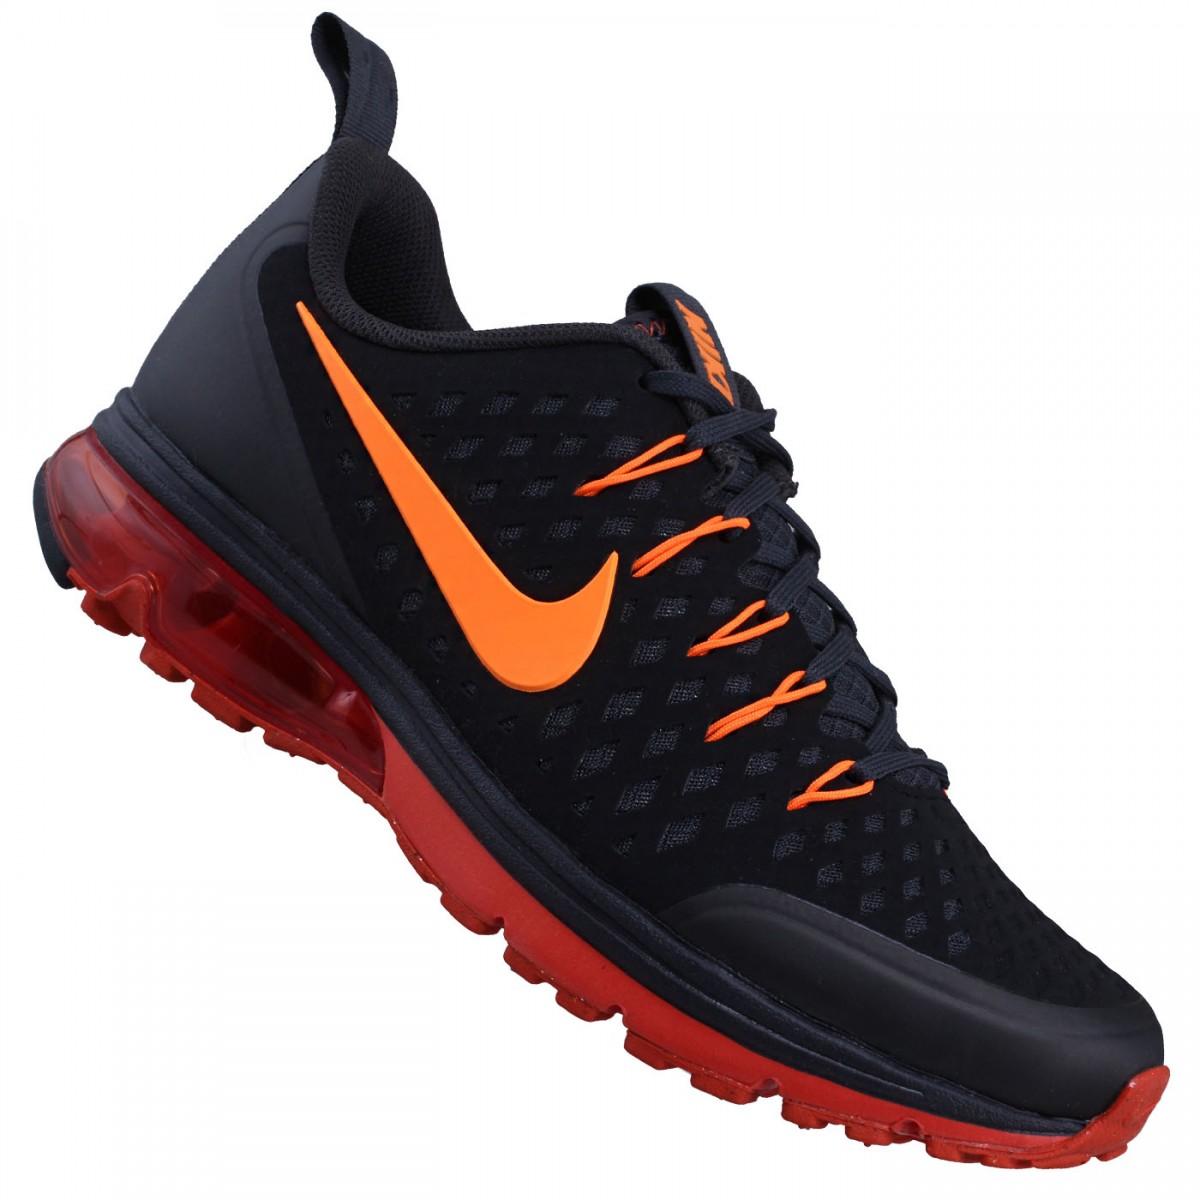 competitive price 89127 7e754 Tênis Nike Air Max Supreme 3 - Masculino   Treino e Corrida